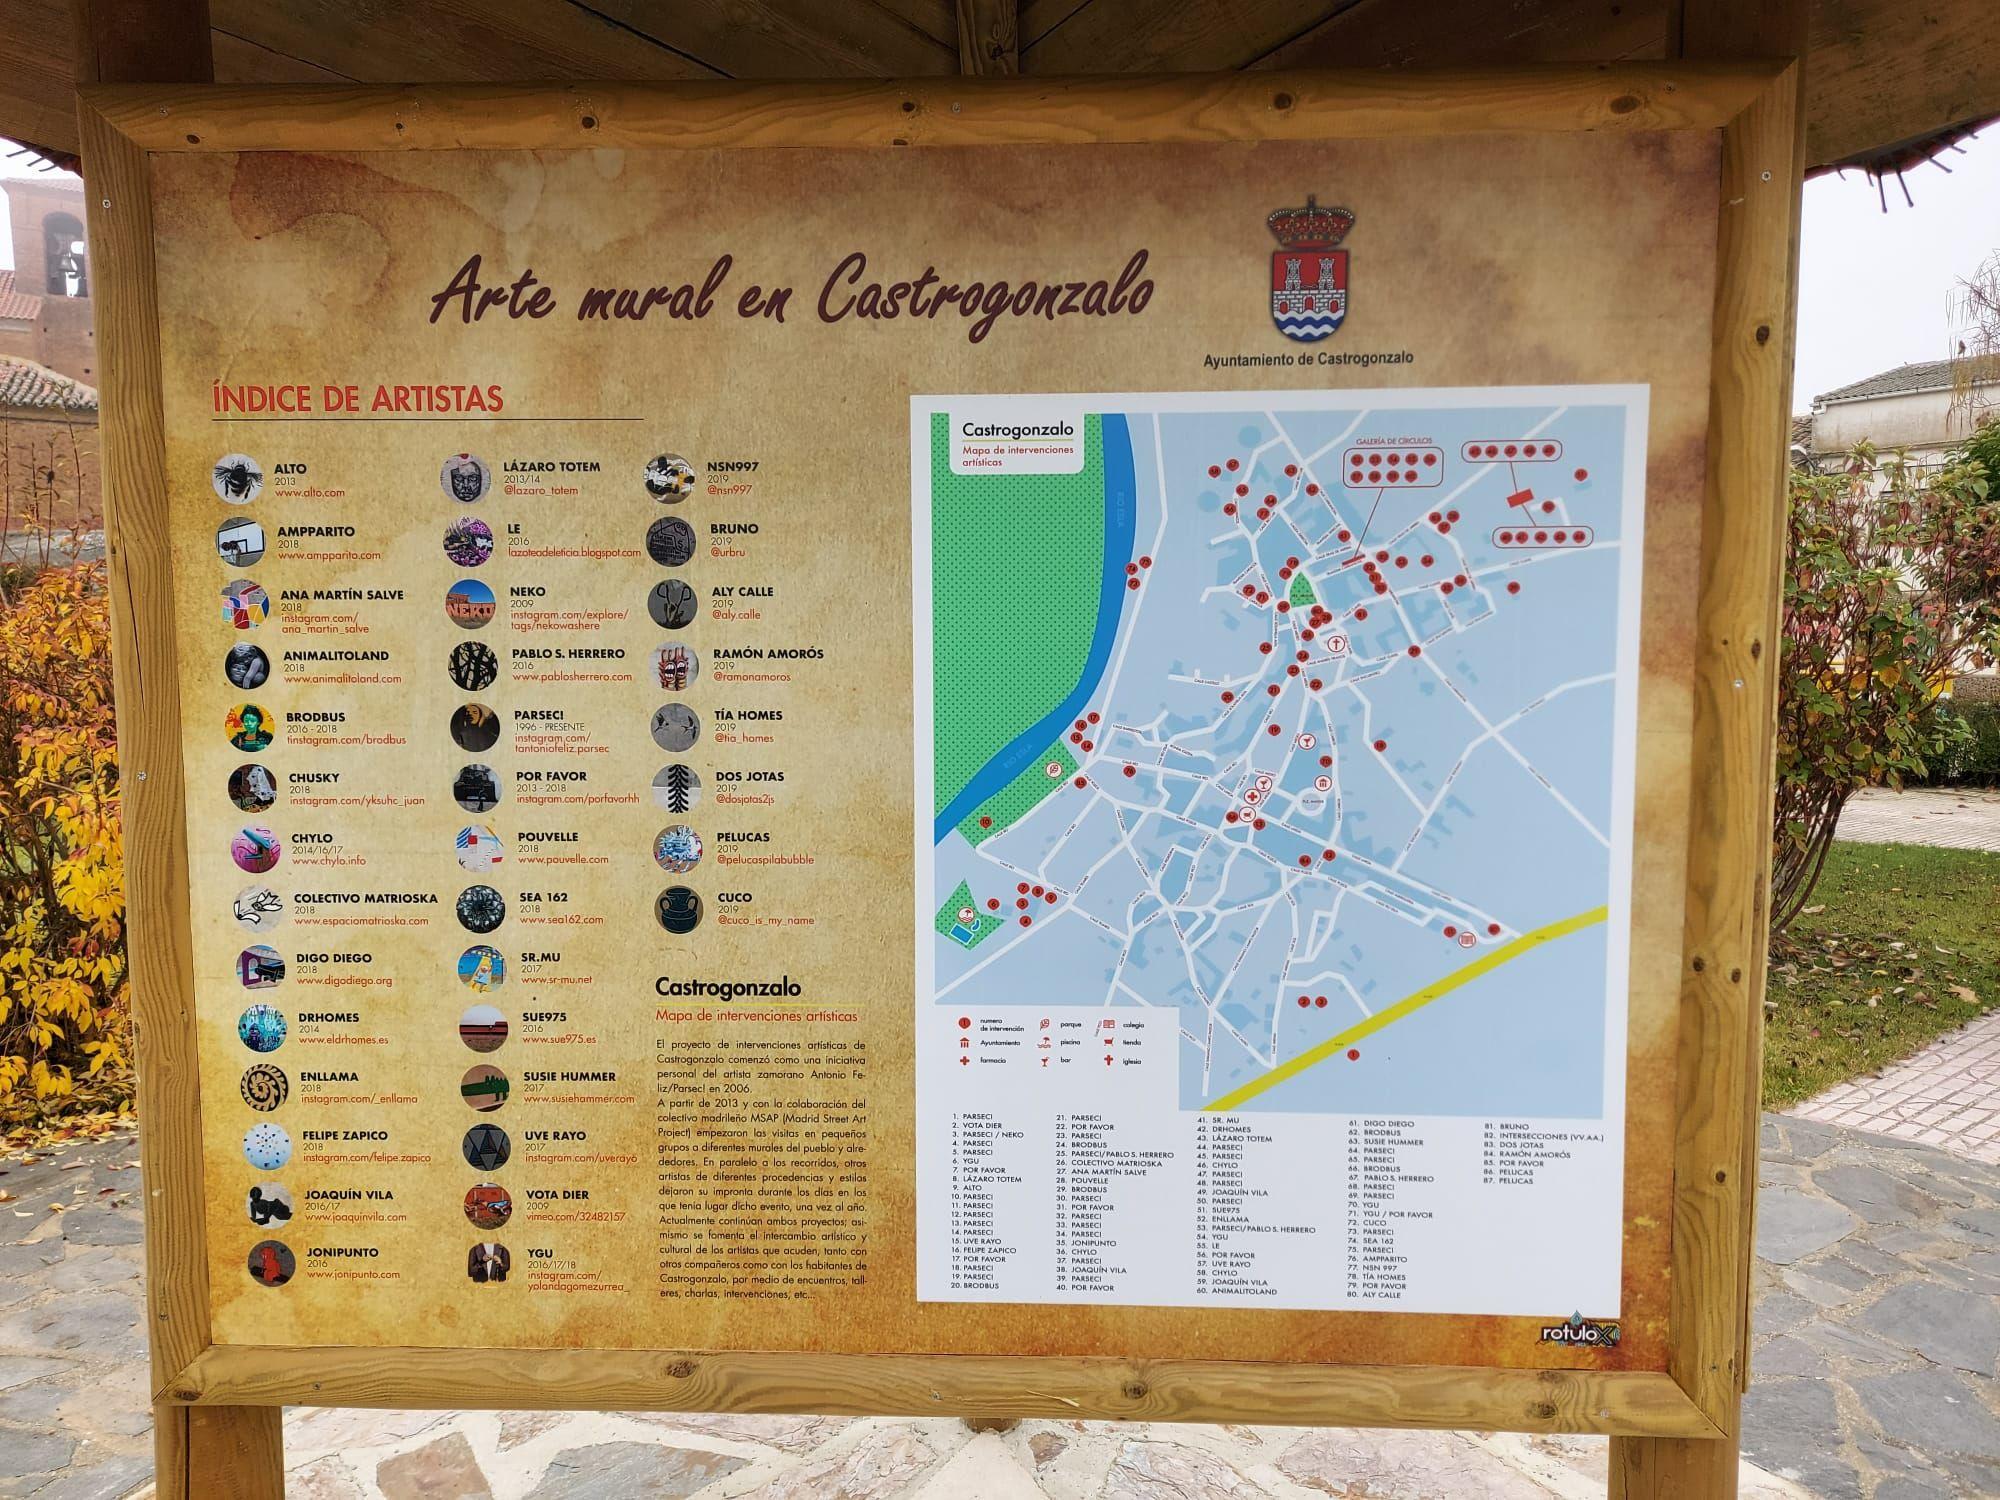 Listado con mapa callejero de las obras de arte urbano existentes en toda la localidad.